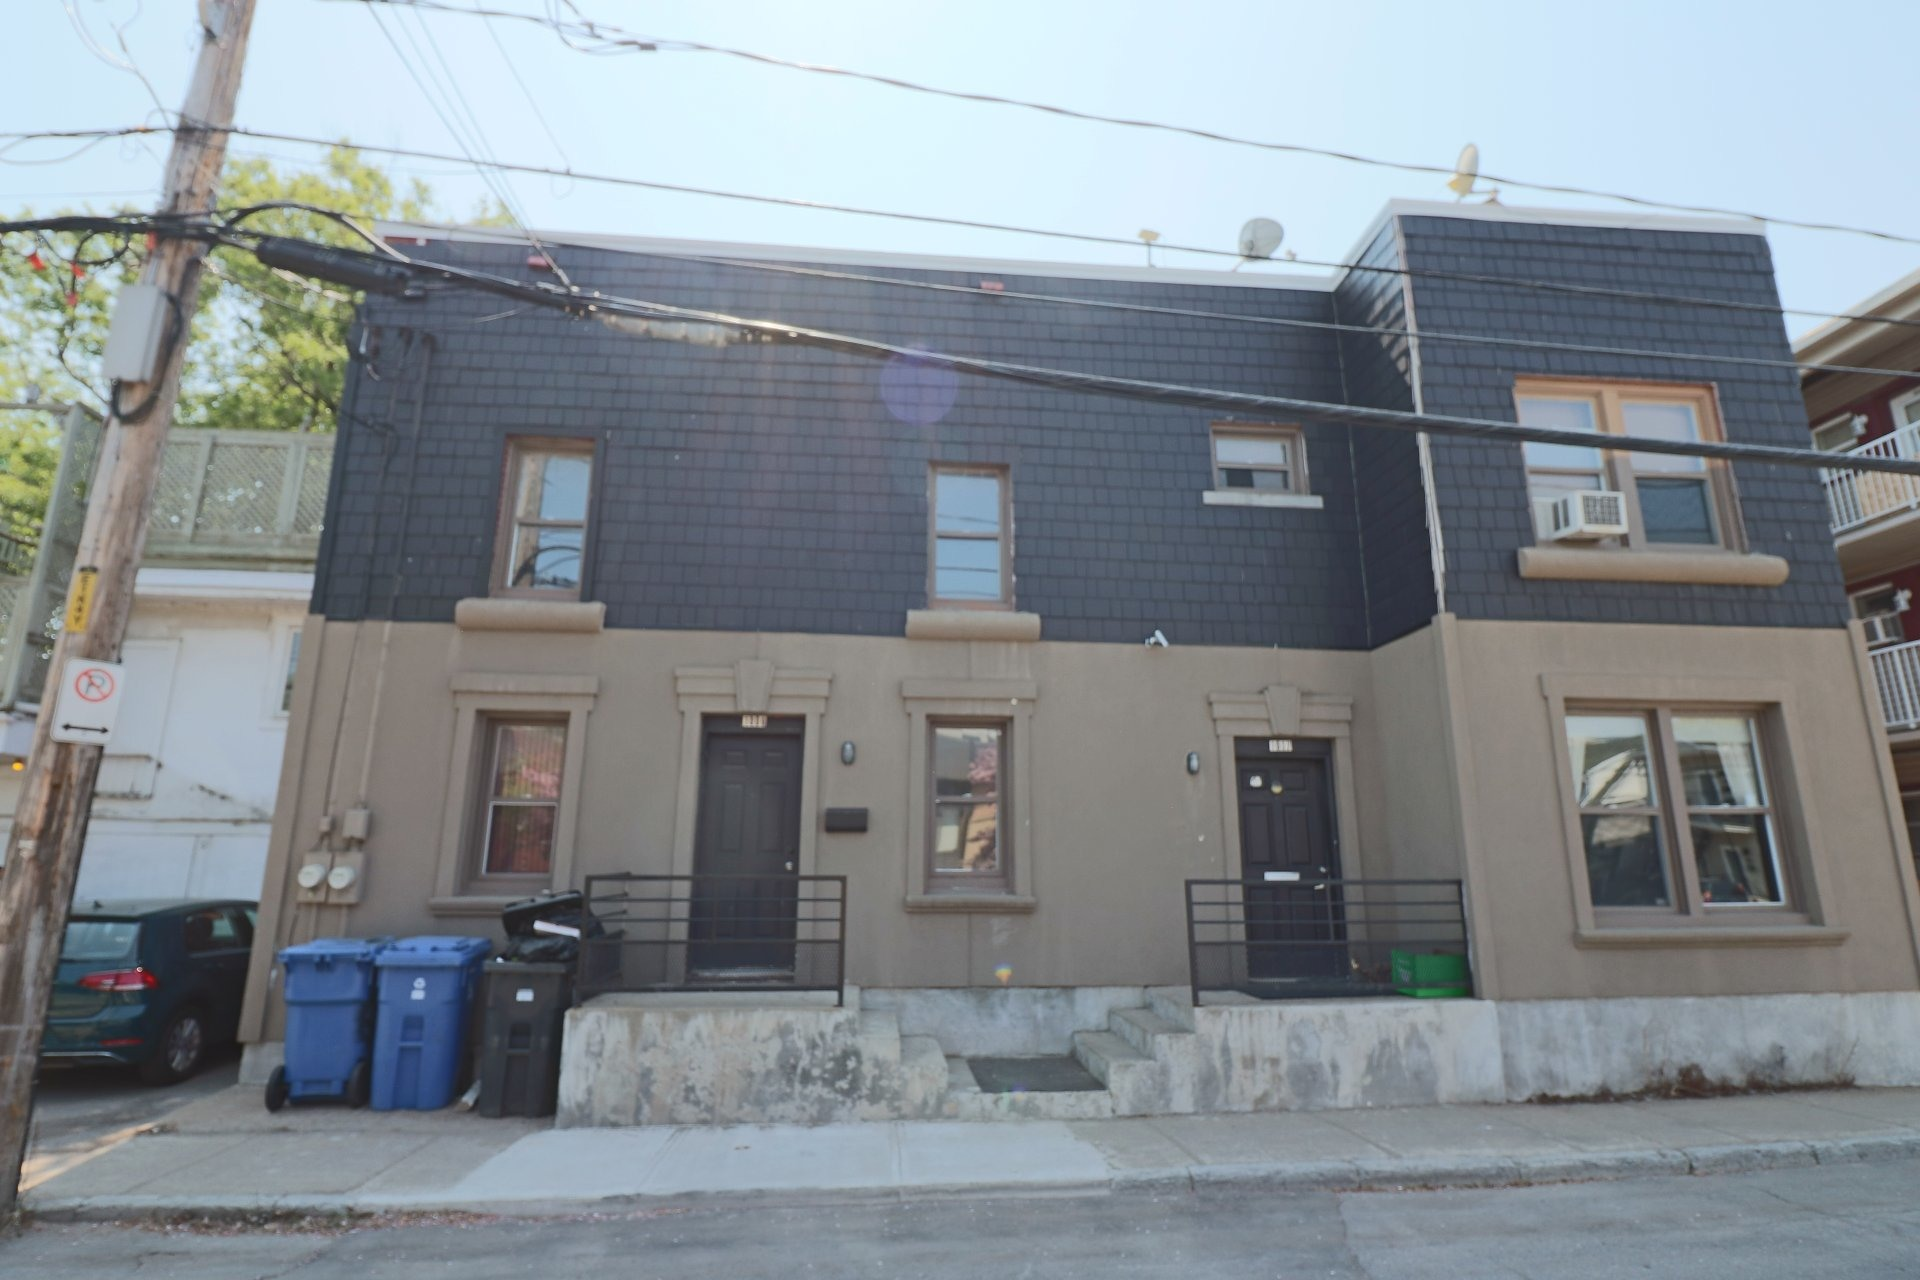 image 1 - Duplex For sale Trois-Rivières - 5 rooms